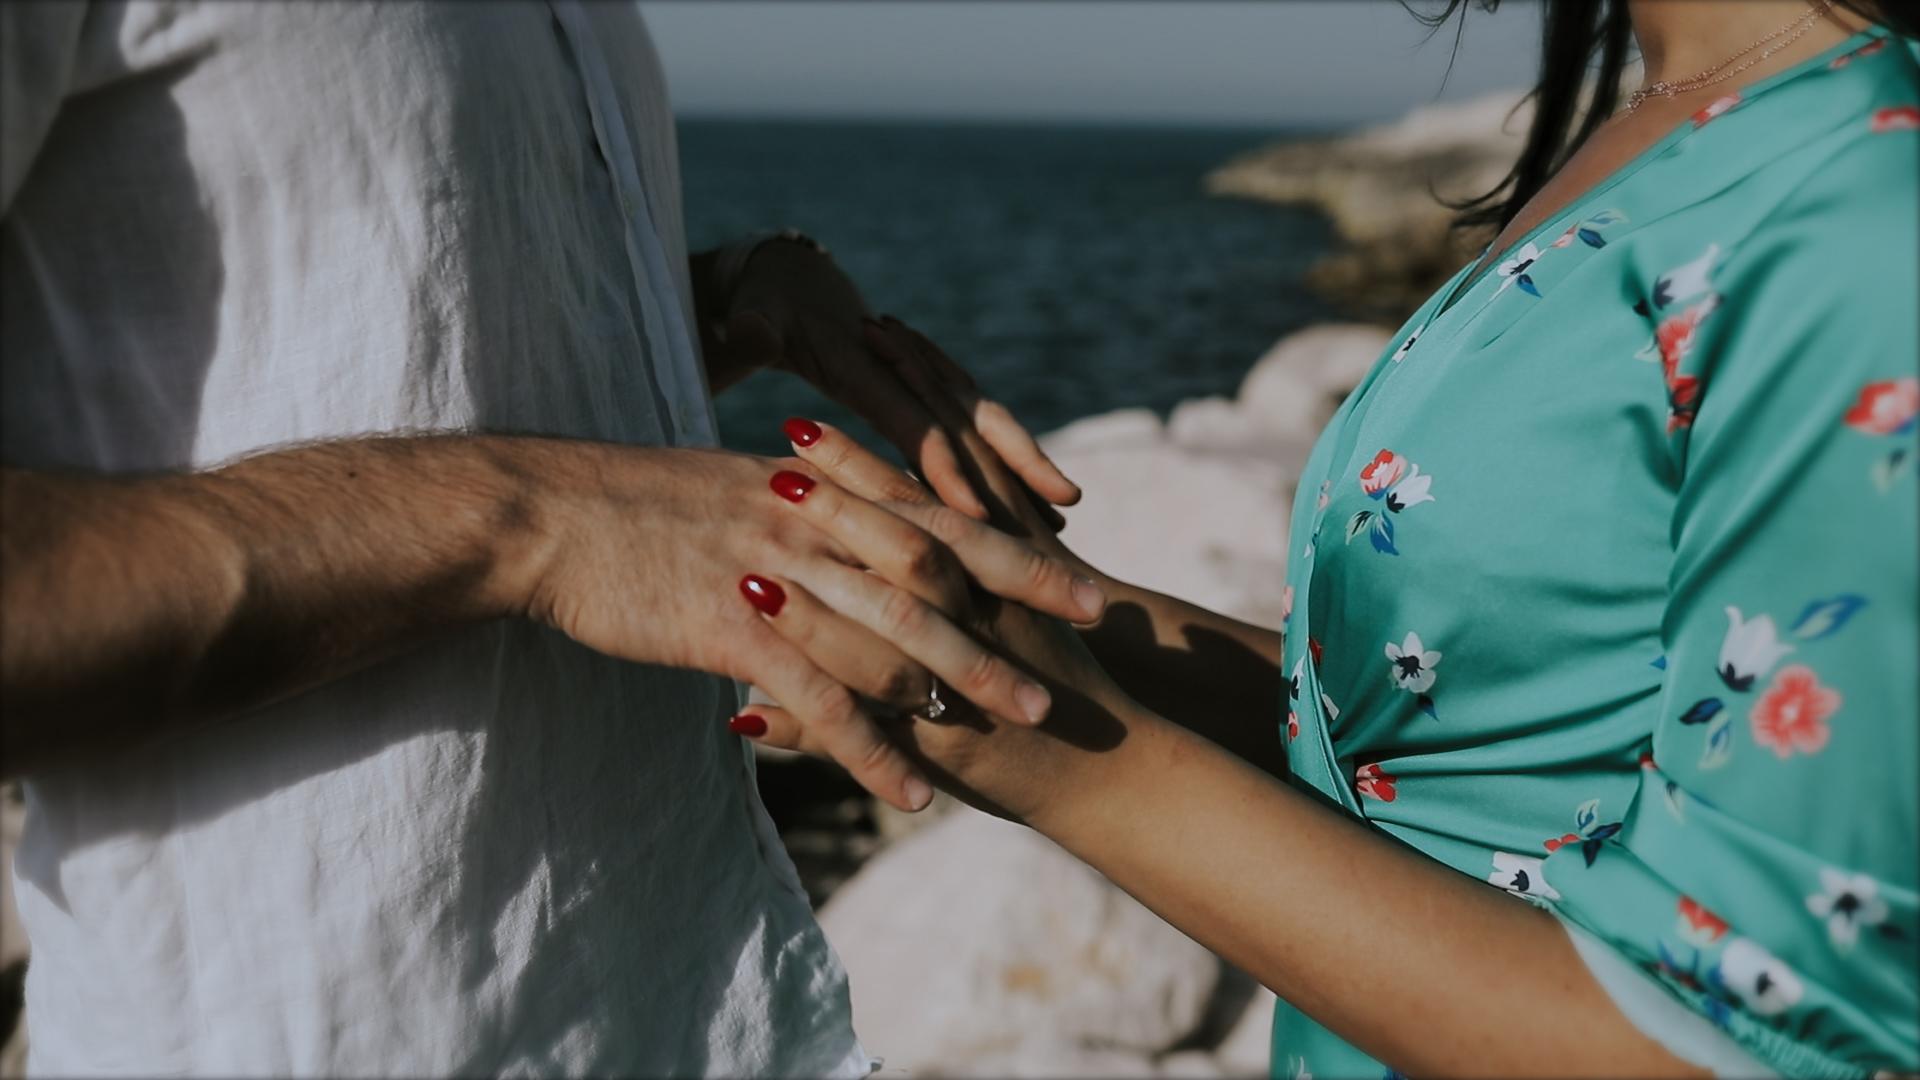 FILM.00_03_26_11.Immagine009 Romantic Wedding